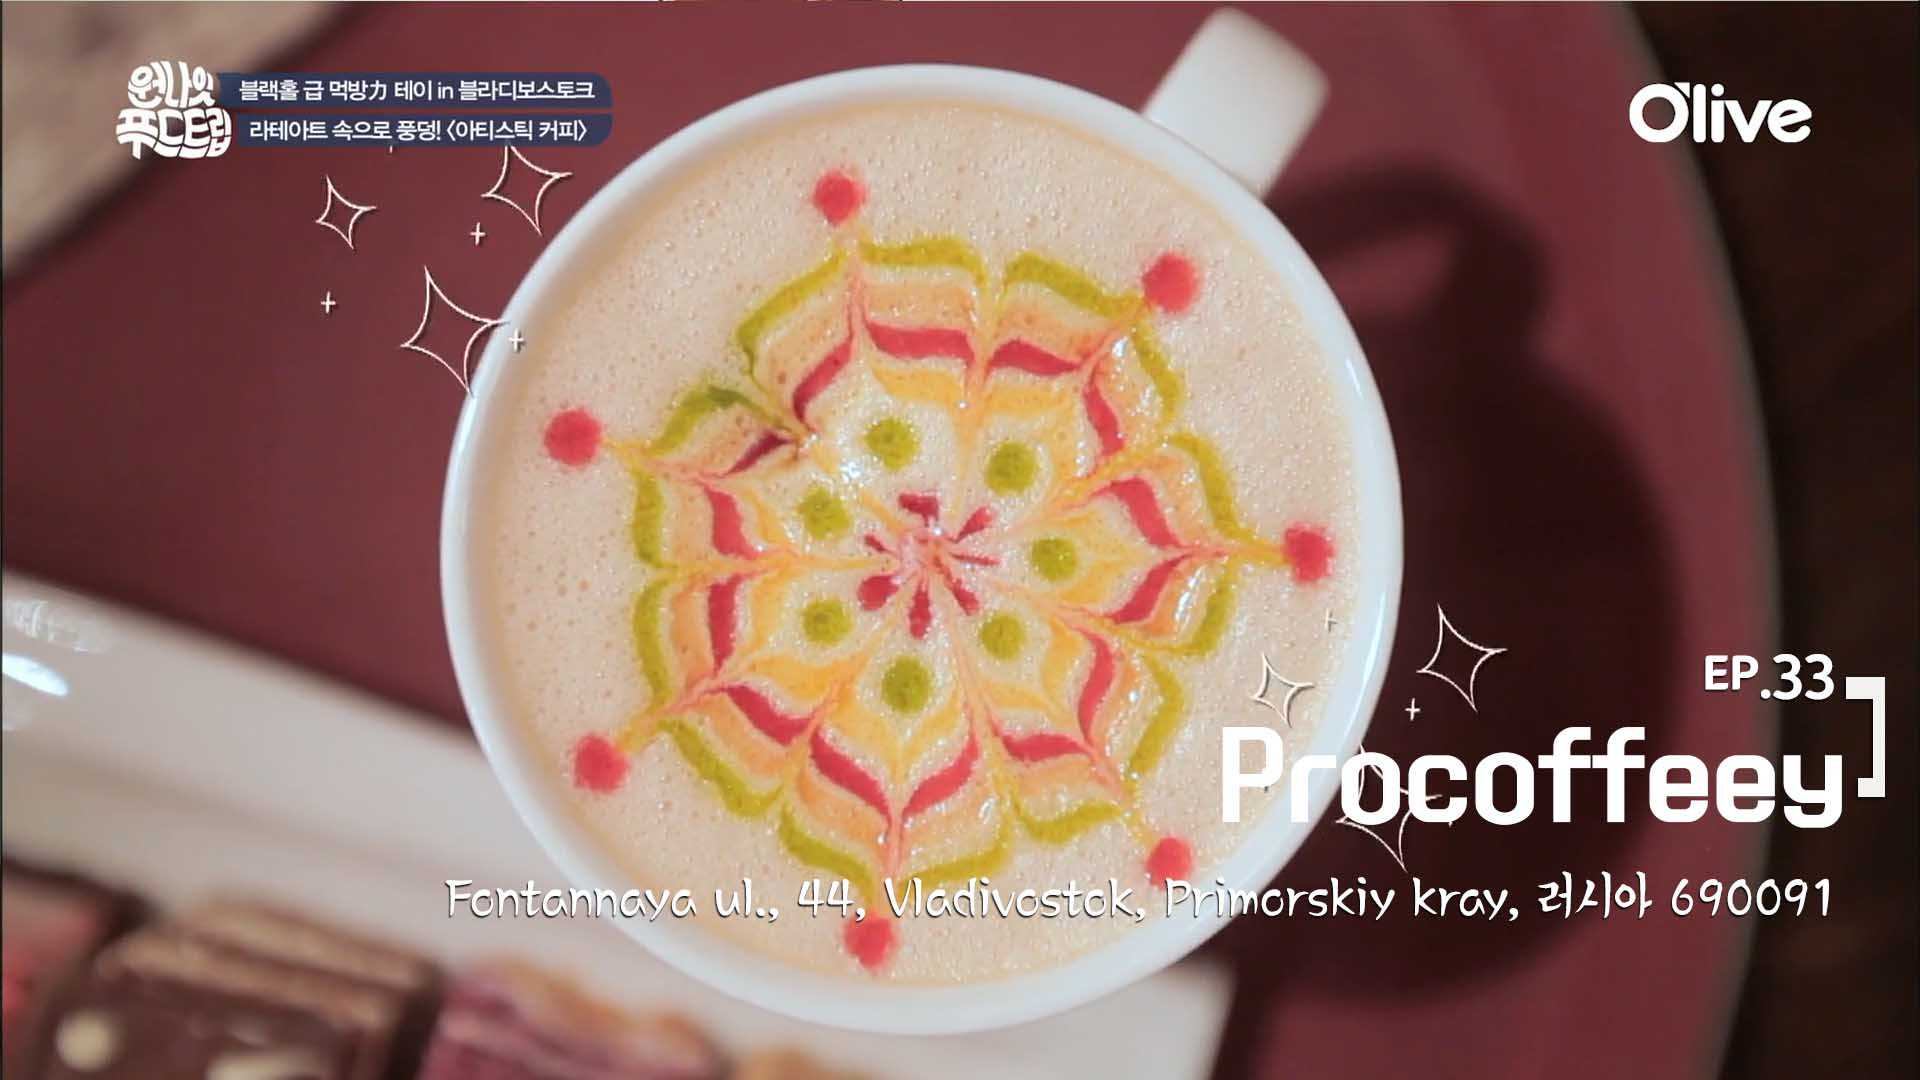 아티스틱 커피 < Procoffeey >